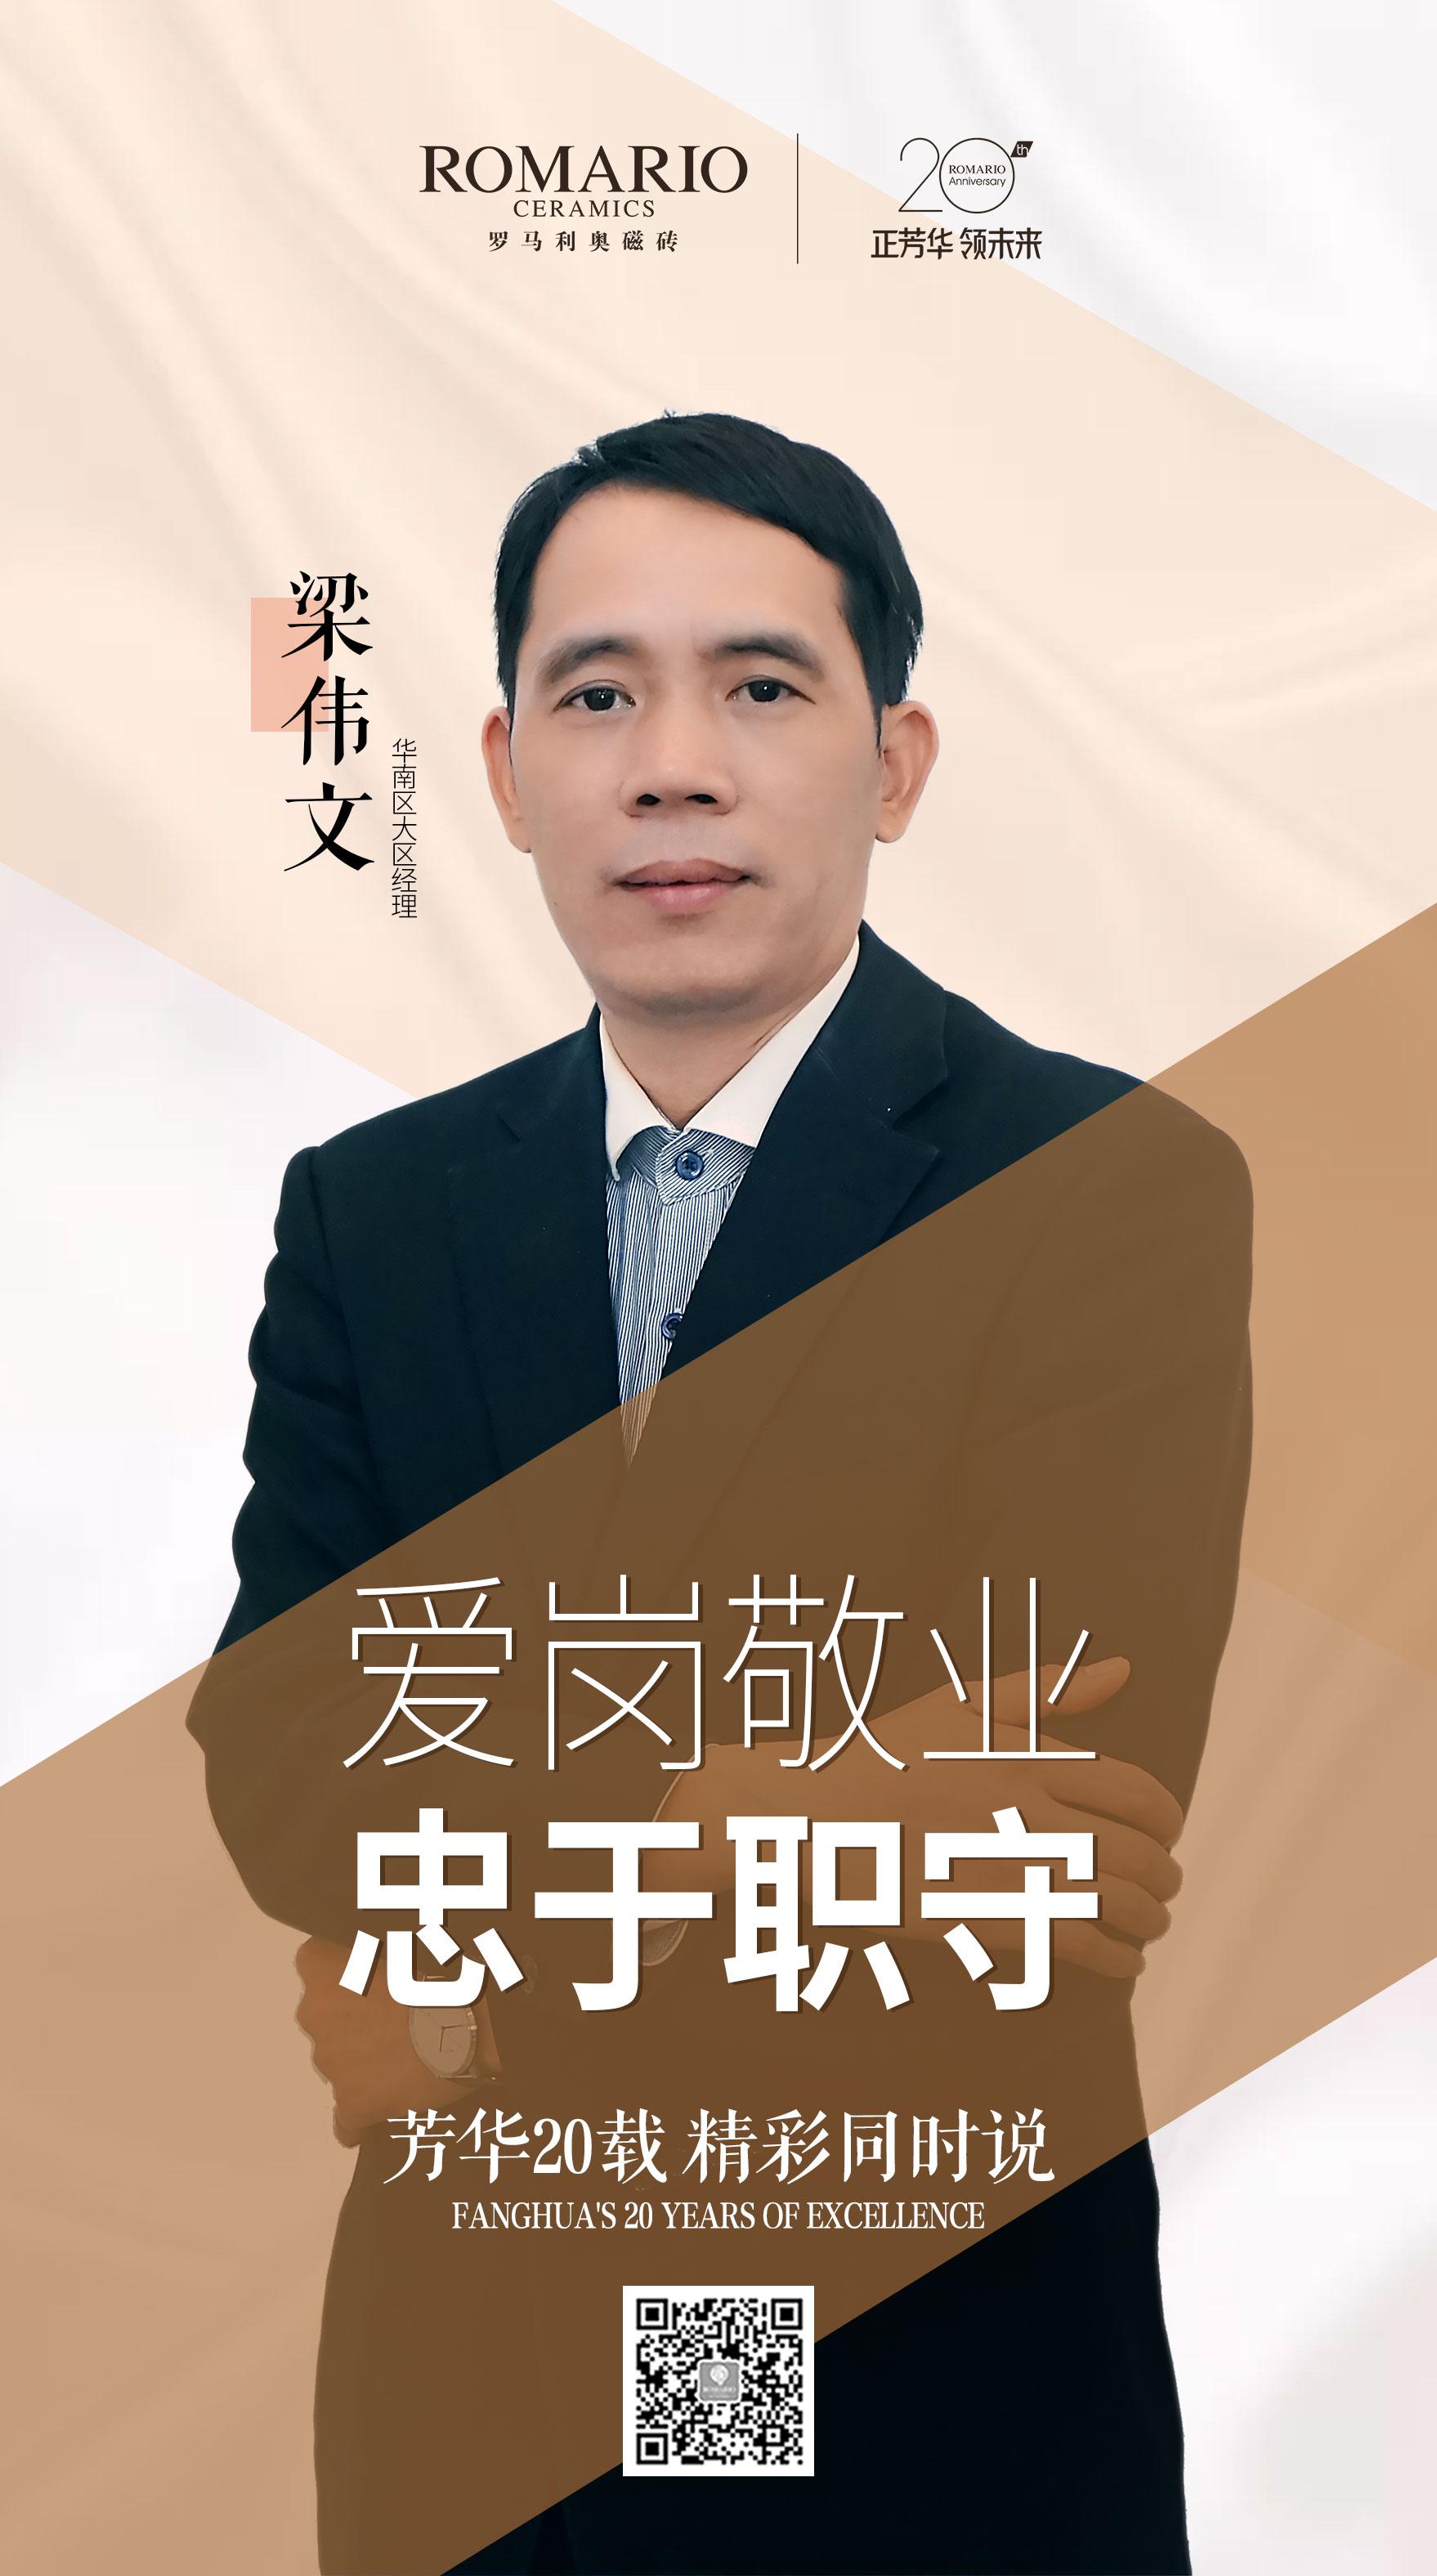 8-华南区大区经理梁伟文